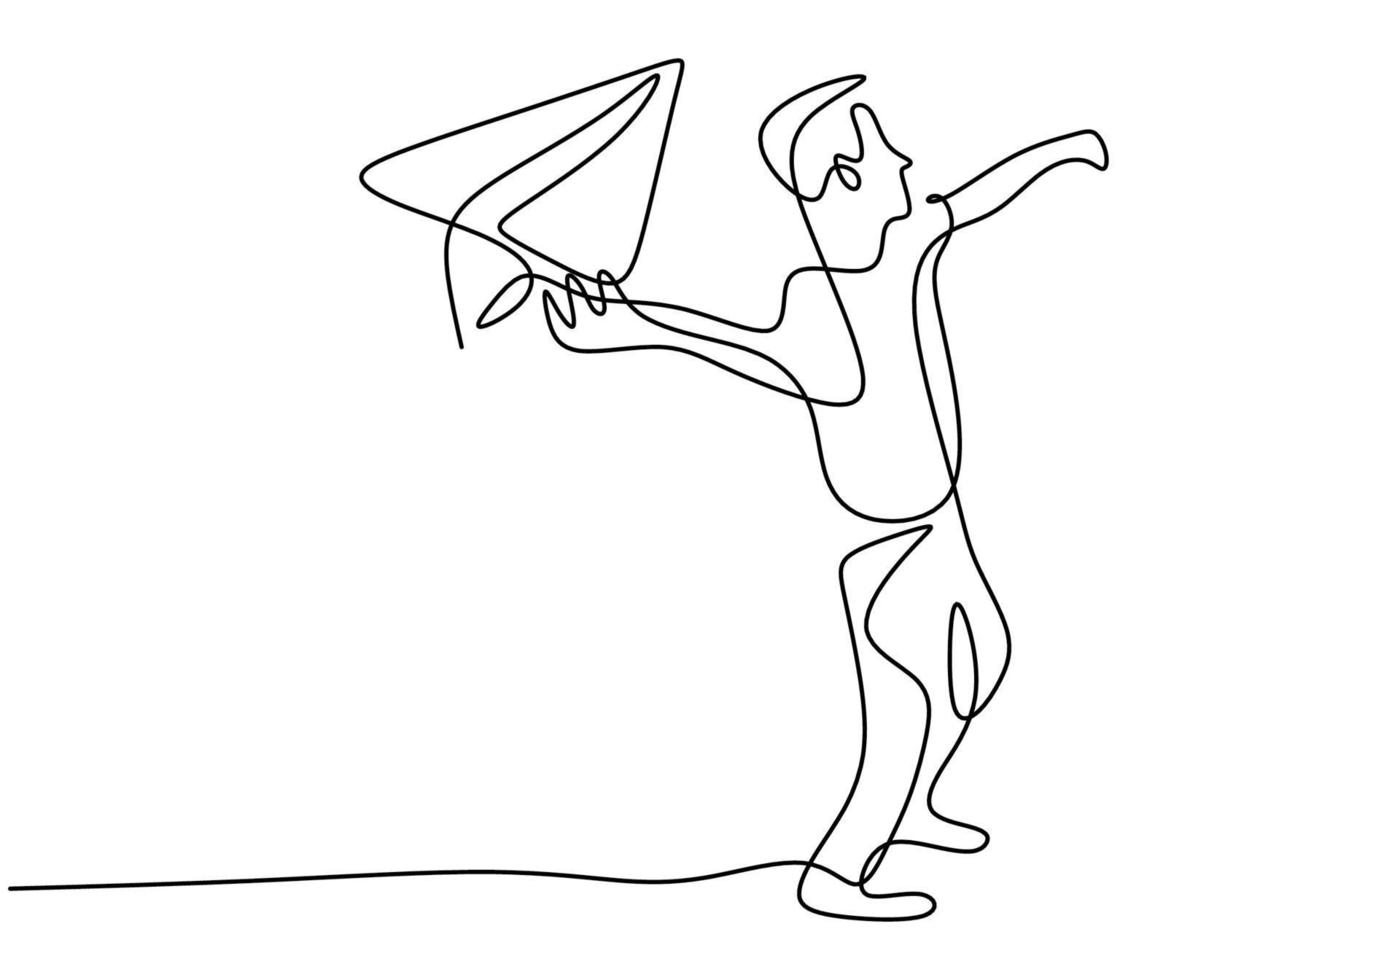 een doorlopende lijntekening van de jongen lanceert een vliegtuig. klein kind spelen papieren vliegtuigje in de lucht op buiten veld geïsoleerd op een witte achtergrond. vrijheid en passie creatief minimalistisch concept vector